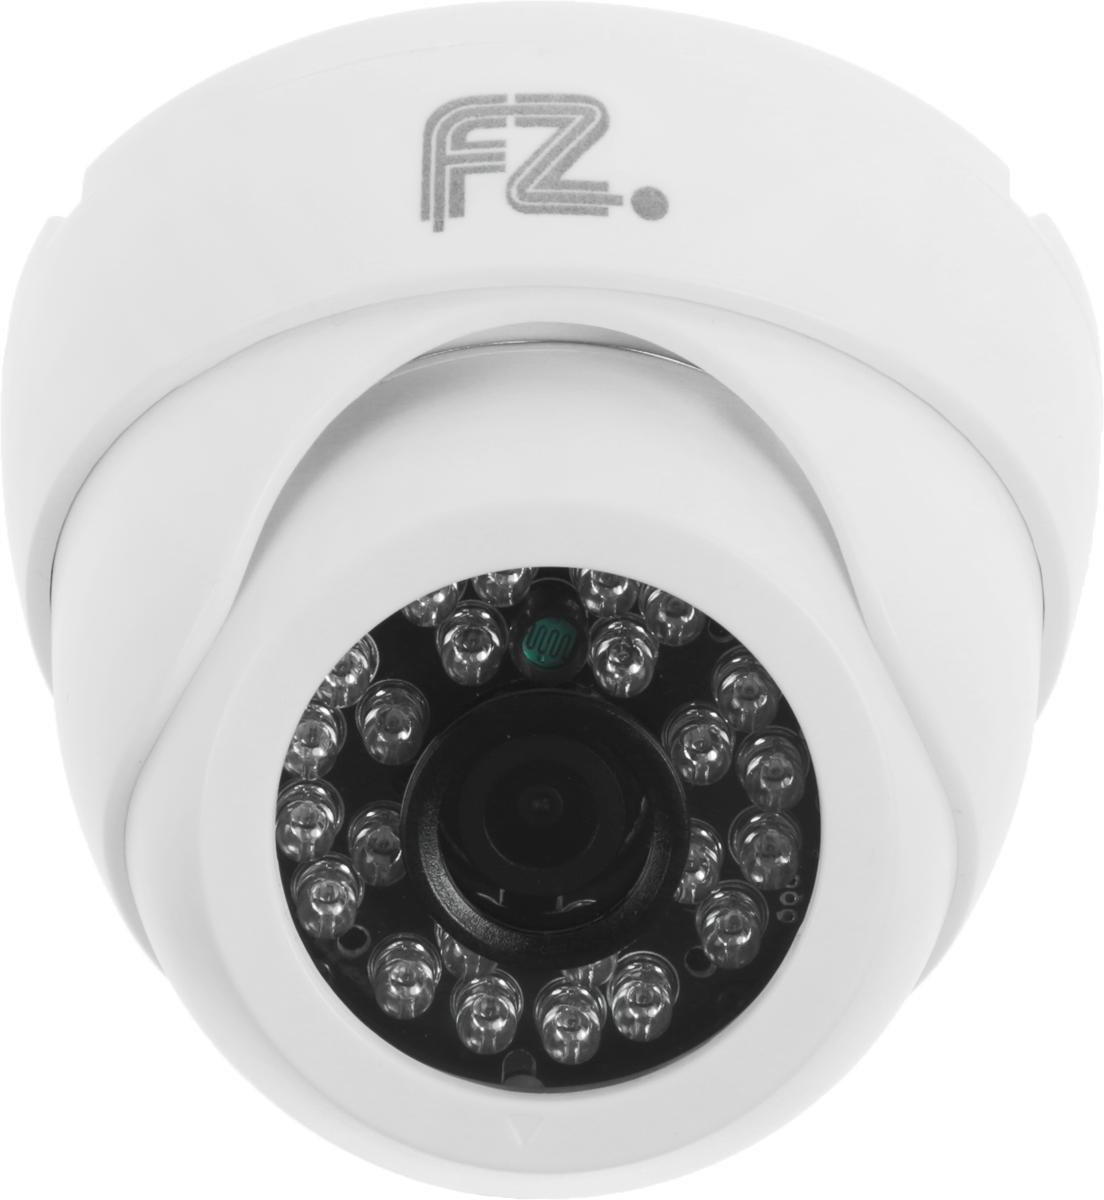 Fazera FZ-DIRP24-720 камера видеонаблюдения